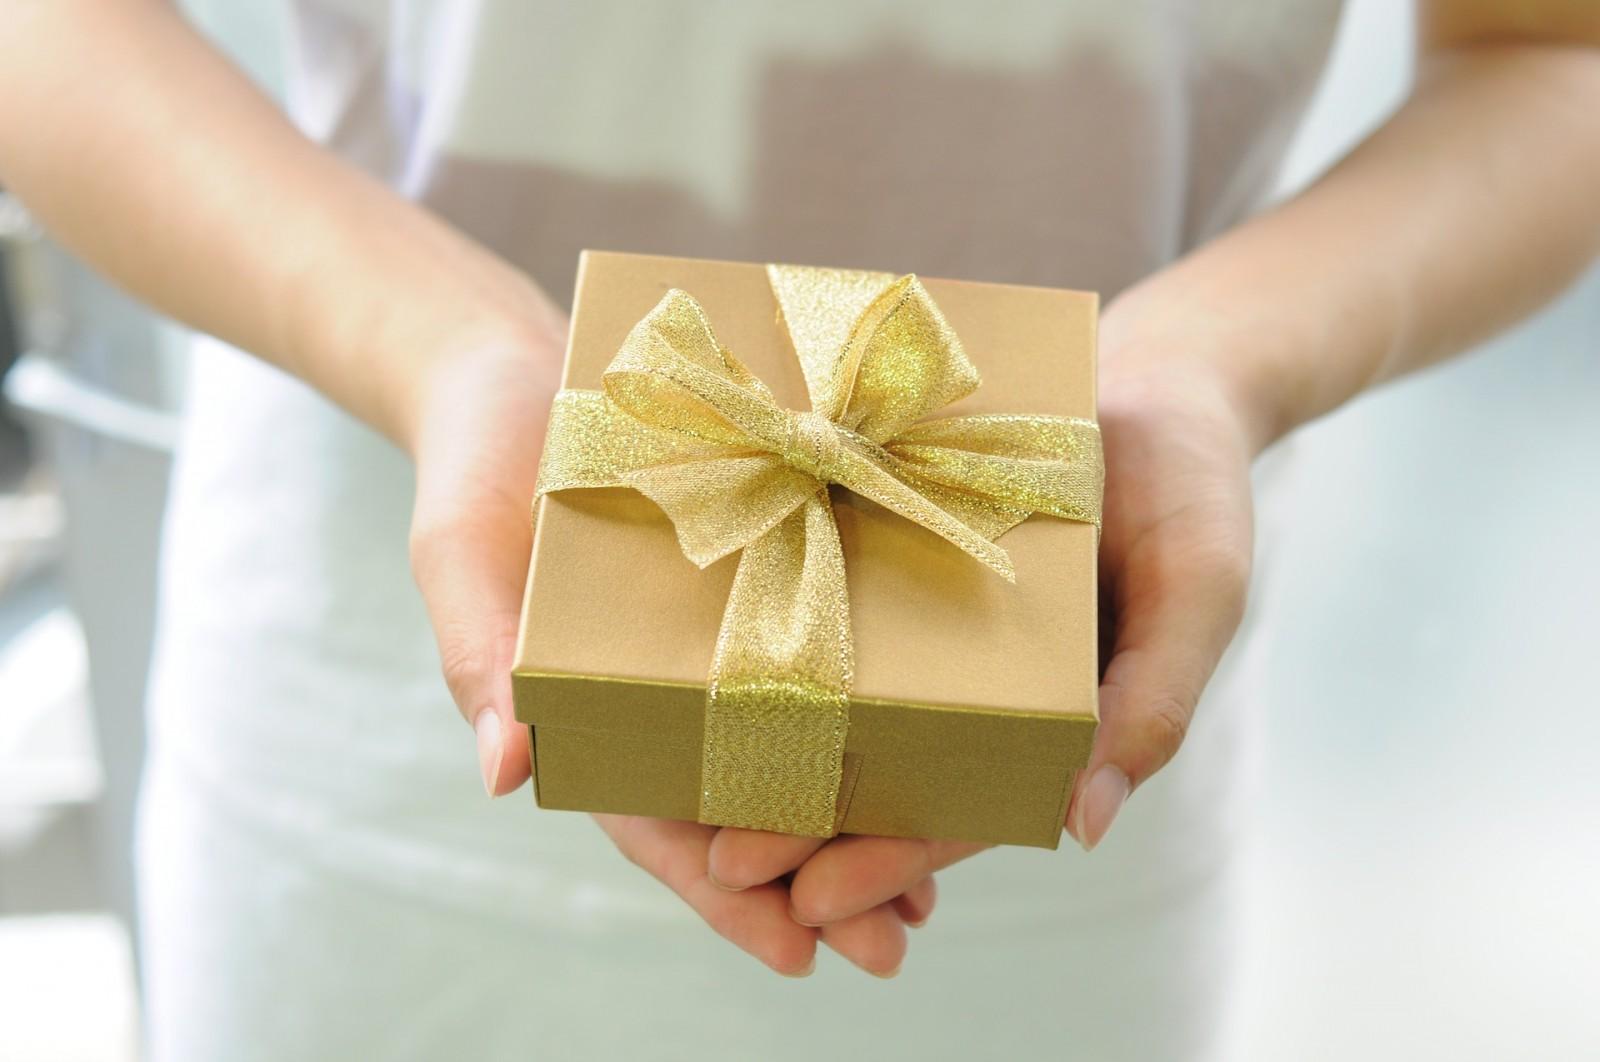 gyakorló vezetés ajándékba